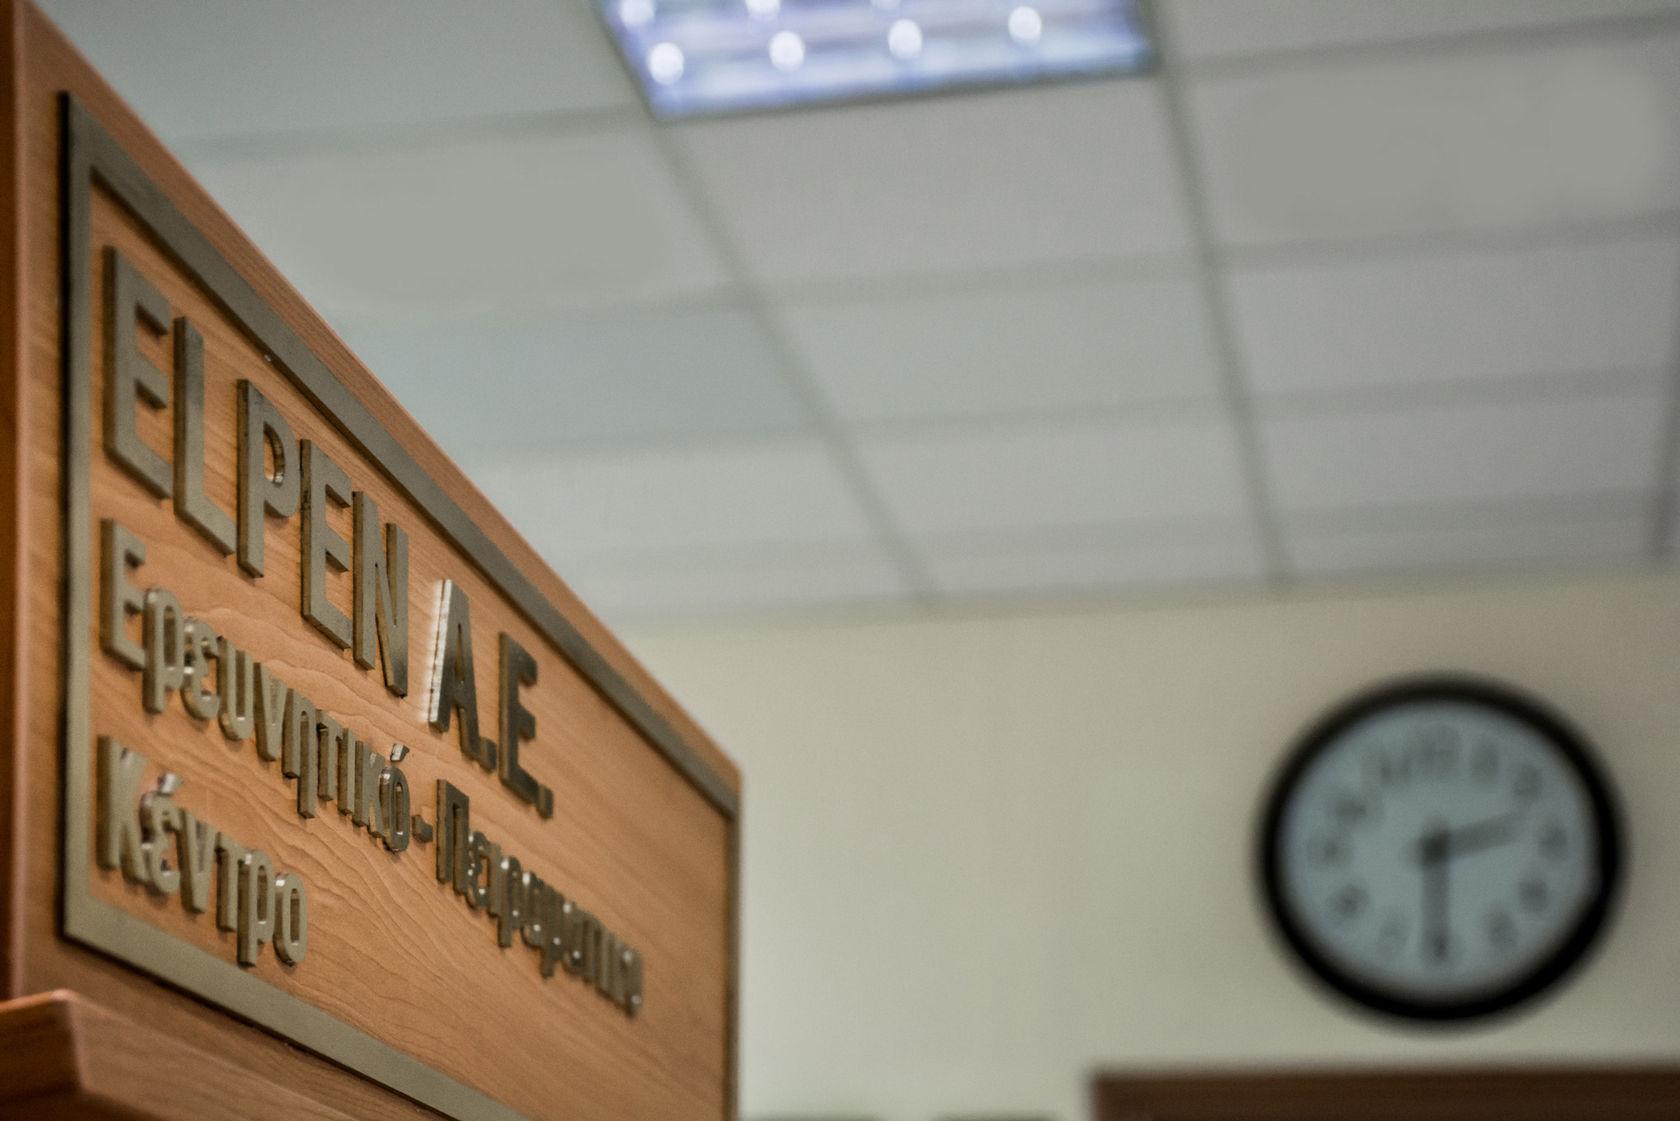 Το Ερευνητικό Κέντρο της ELPEN πιστοποιείται ως Διεθνές Εκπαιδευτικό Κέντρο από φορείς της Ευρωπαϊκής Ένωσης